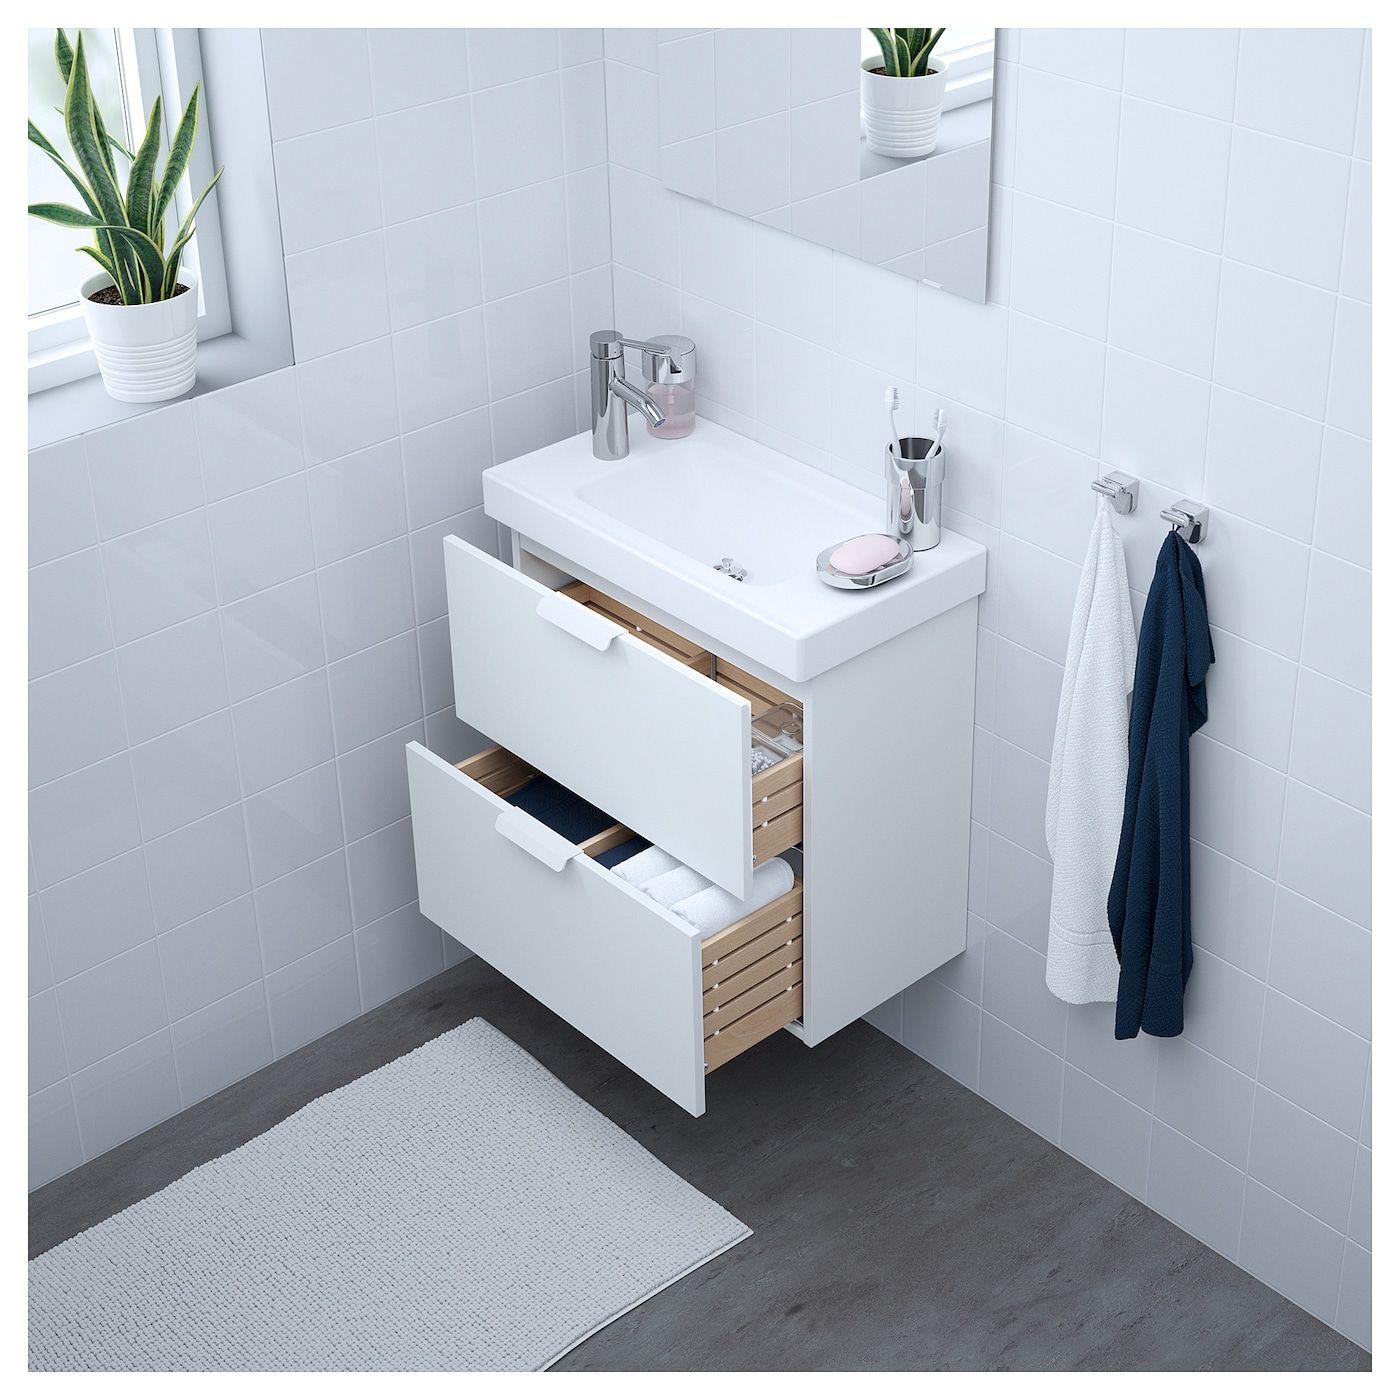 Mobilier et Décoration - Intérieur et Extérieur  Meuble lavabo